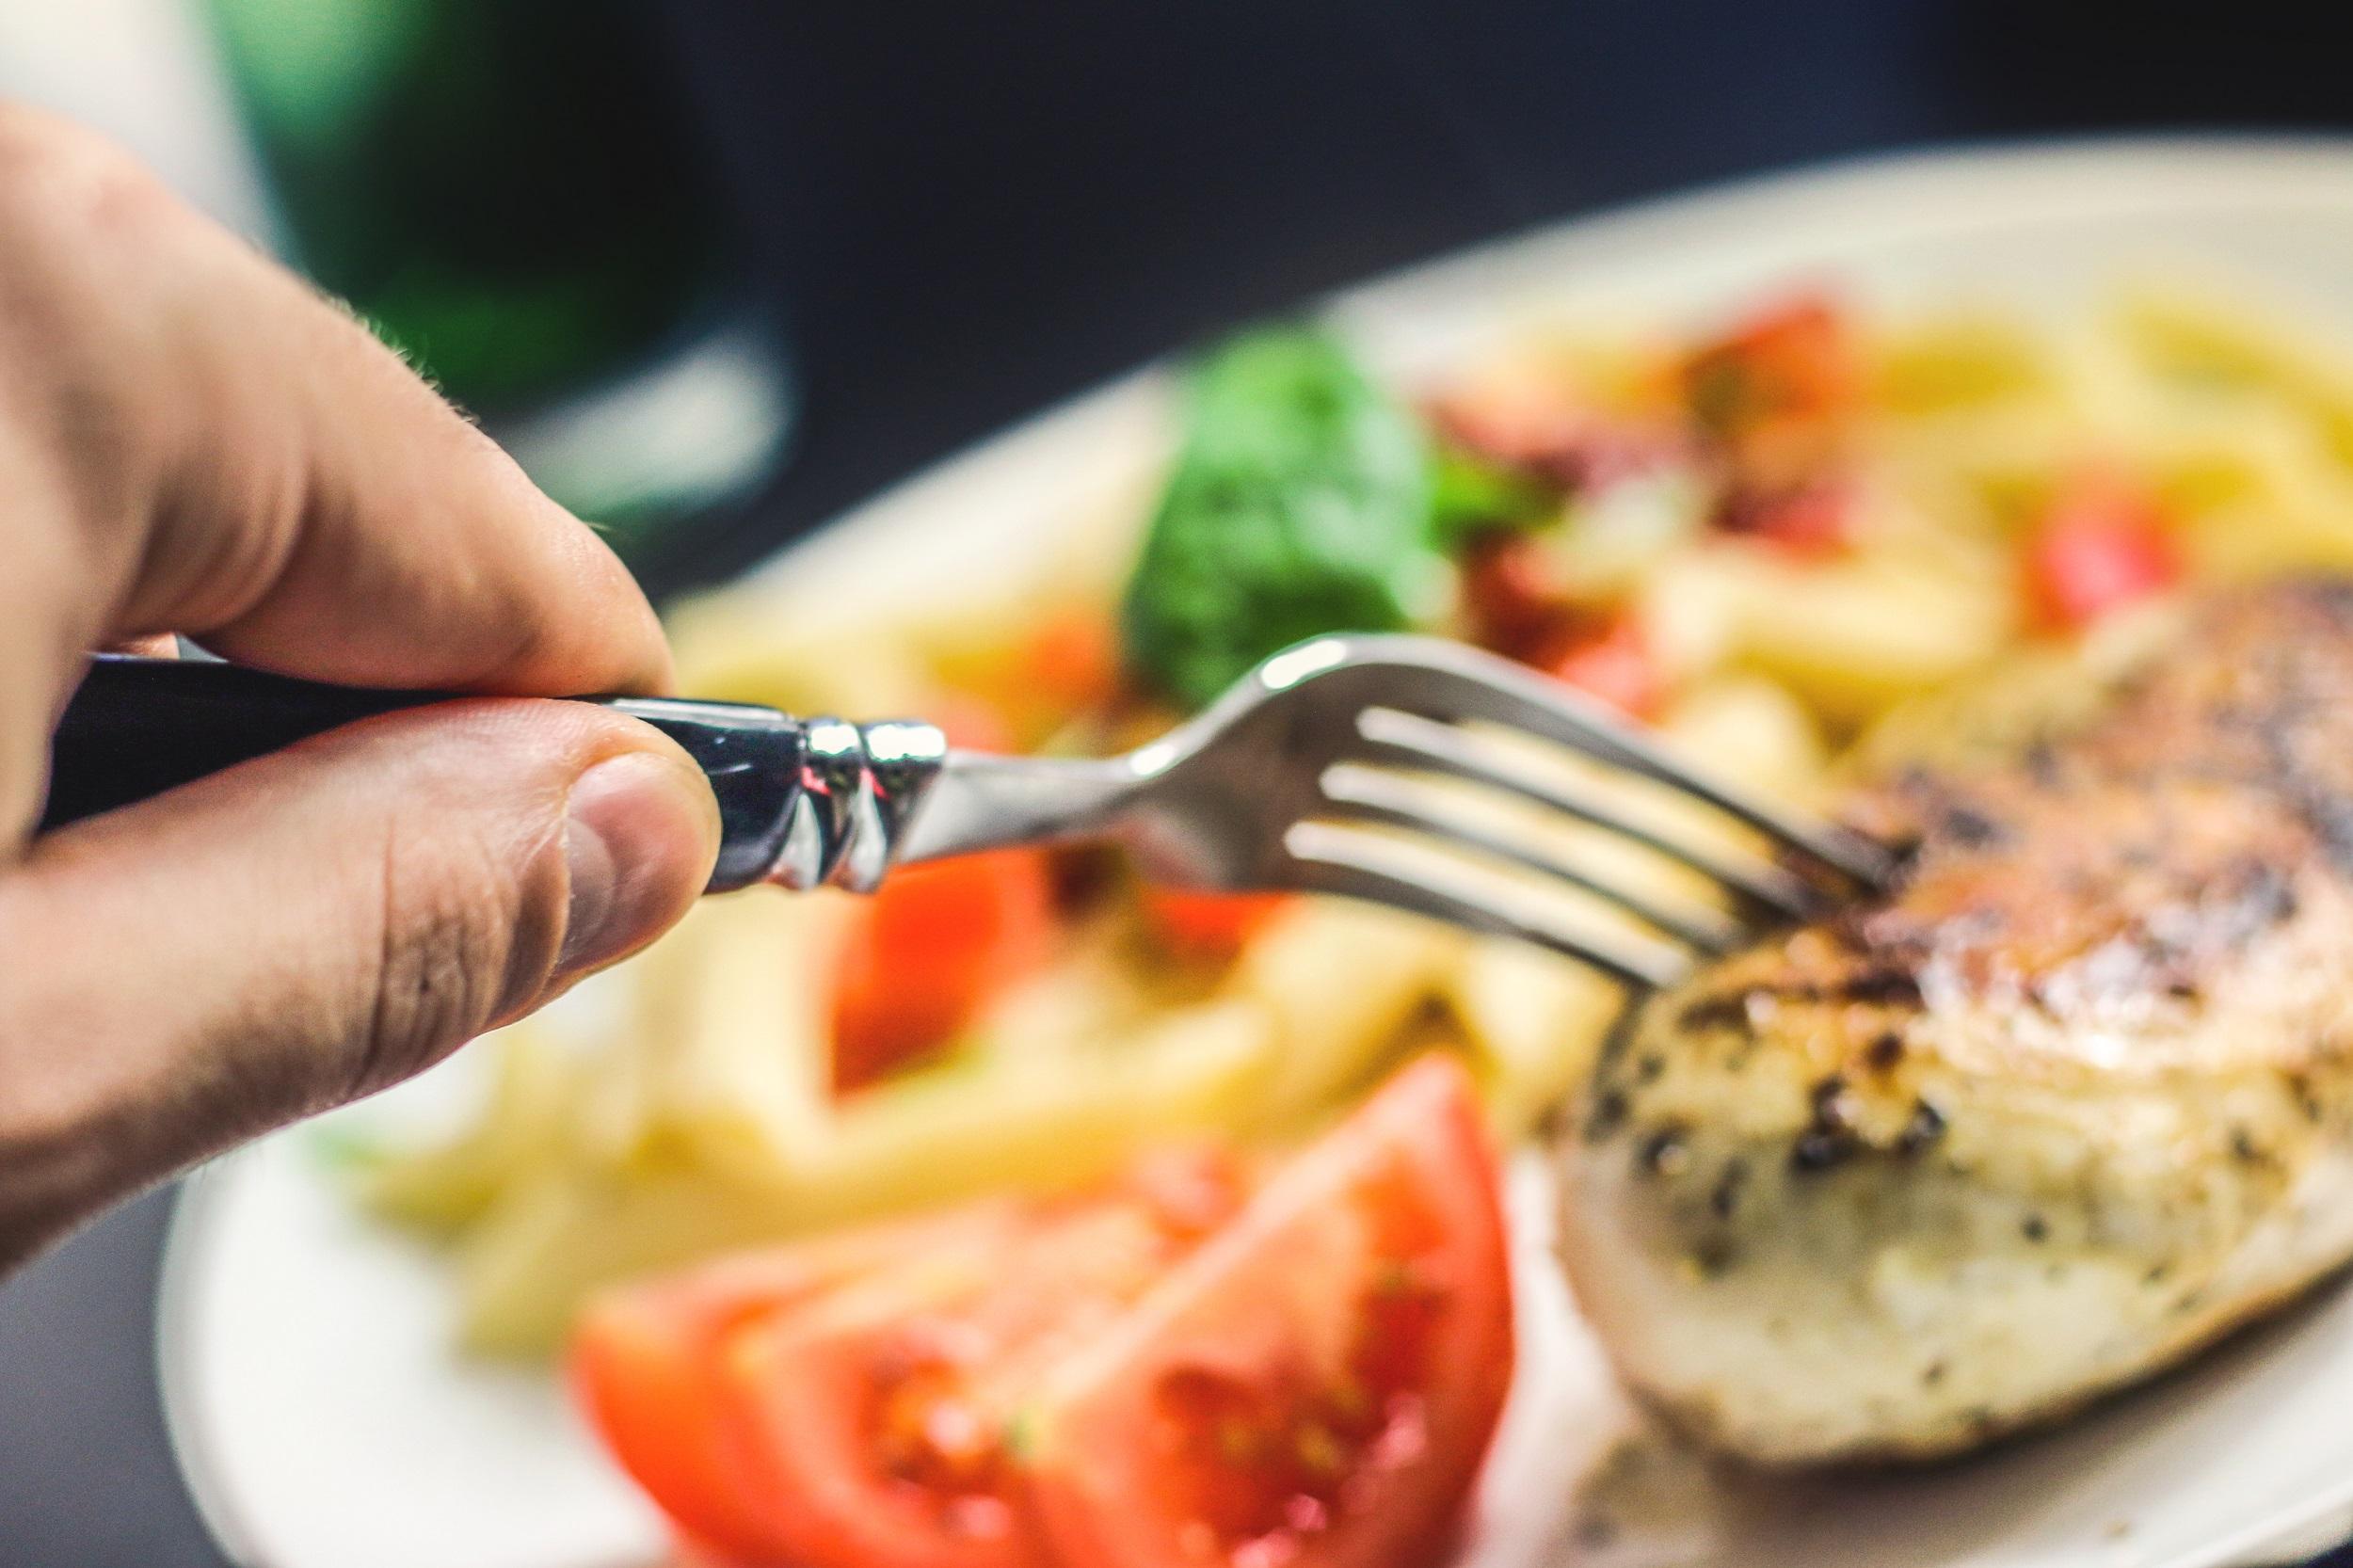 Cual es la diferencia entre dieta y nutricion